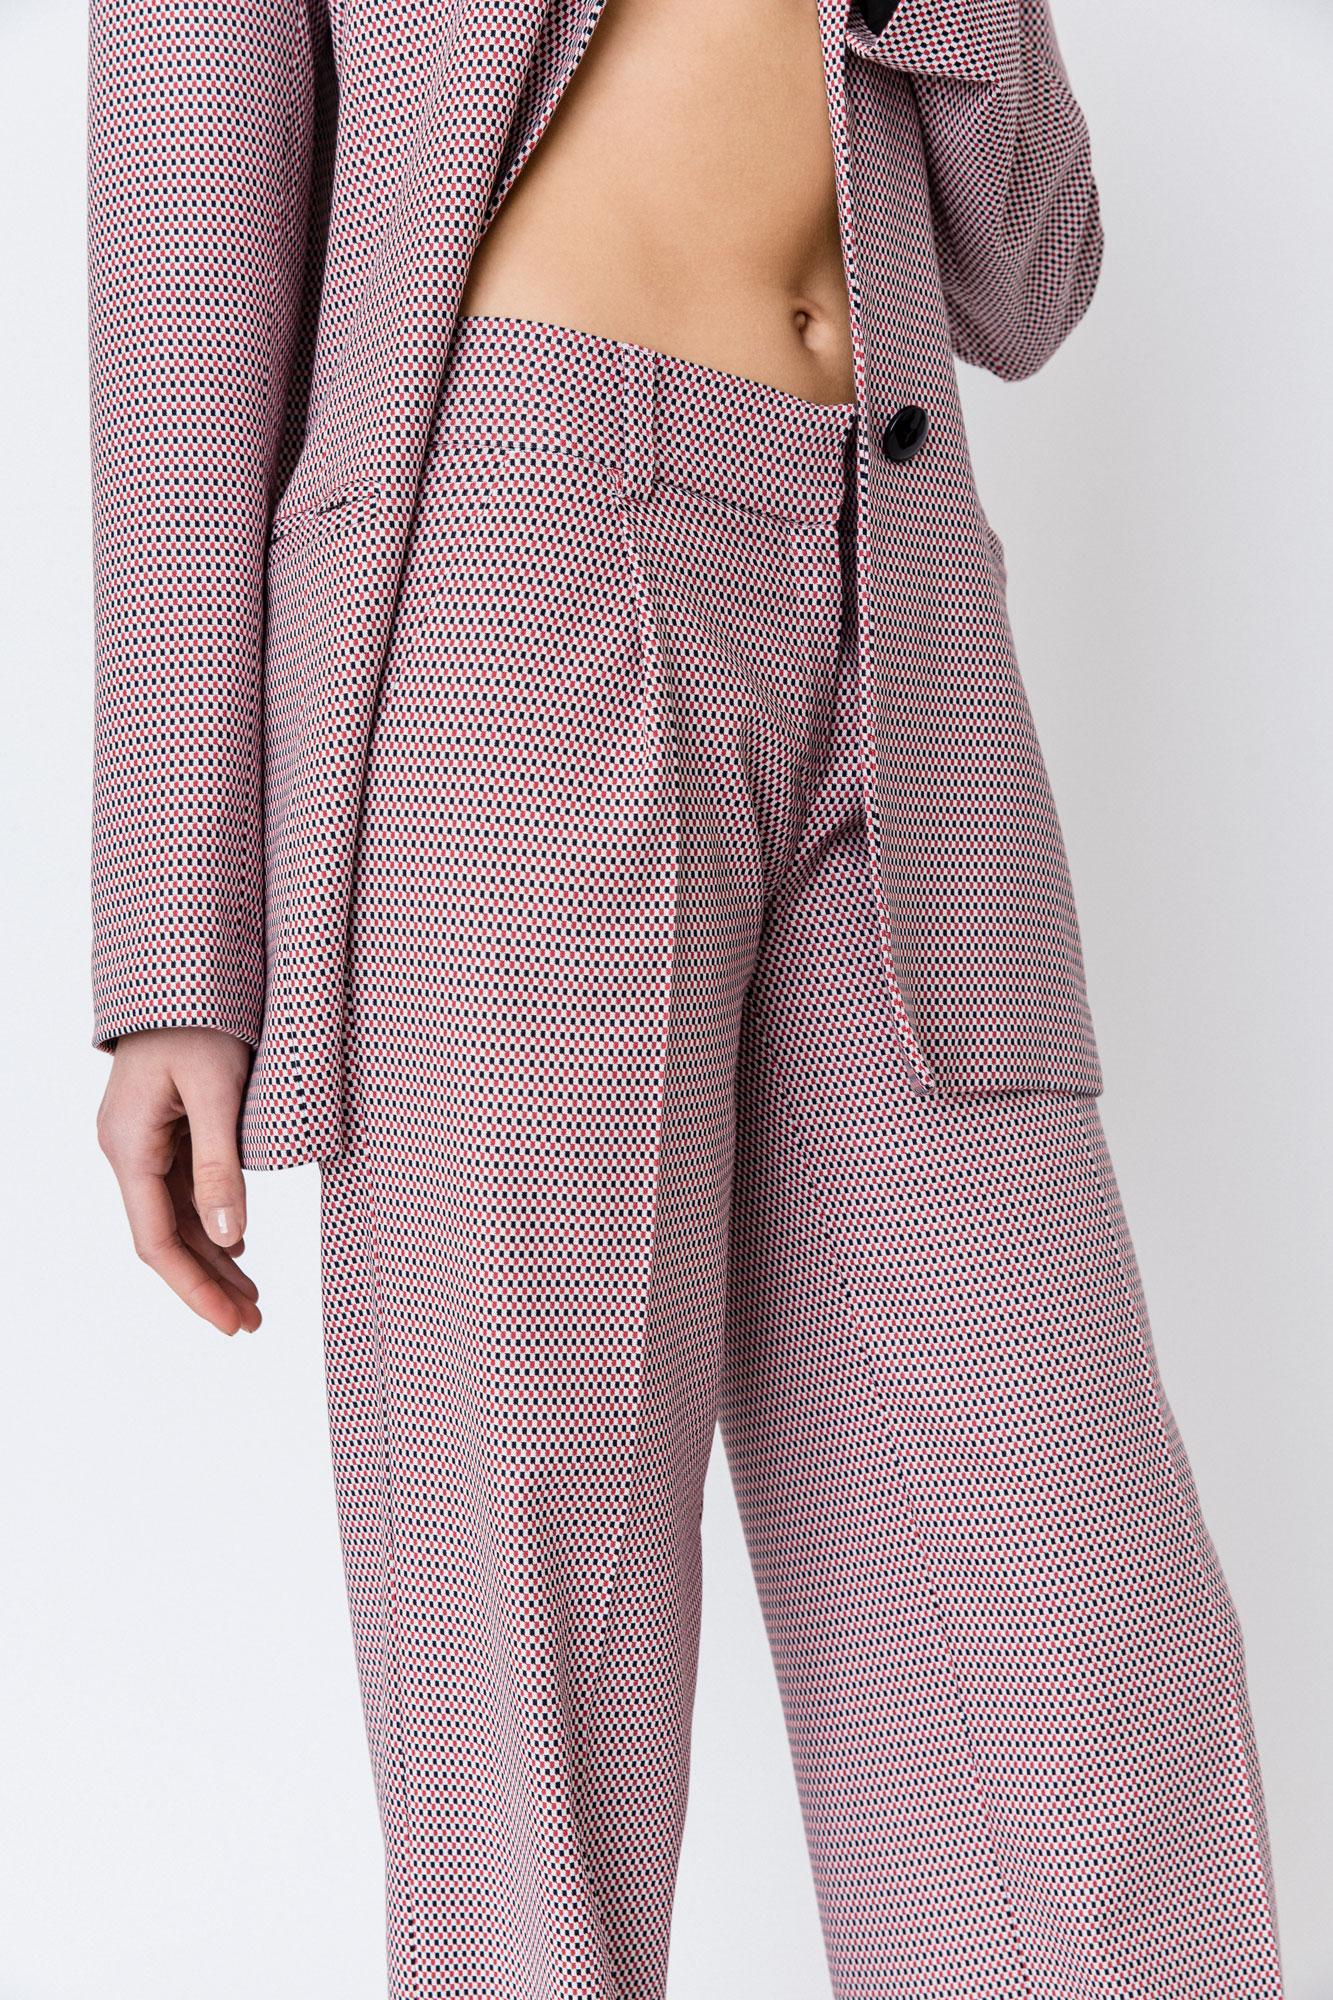 S18-02Smolder_Trousers6